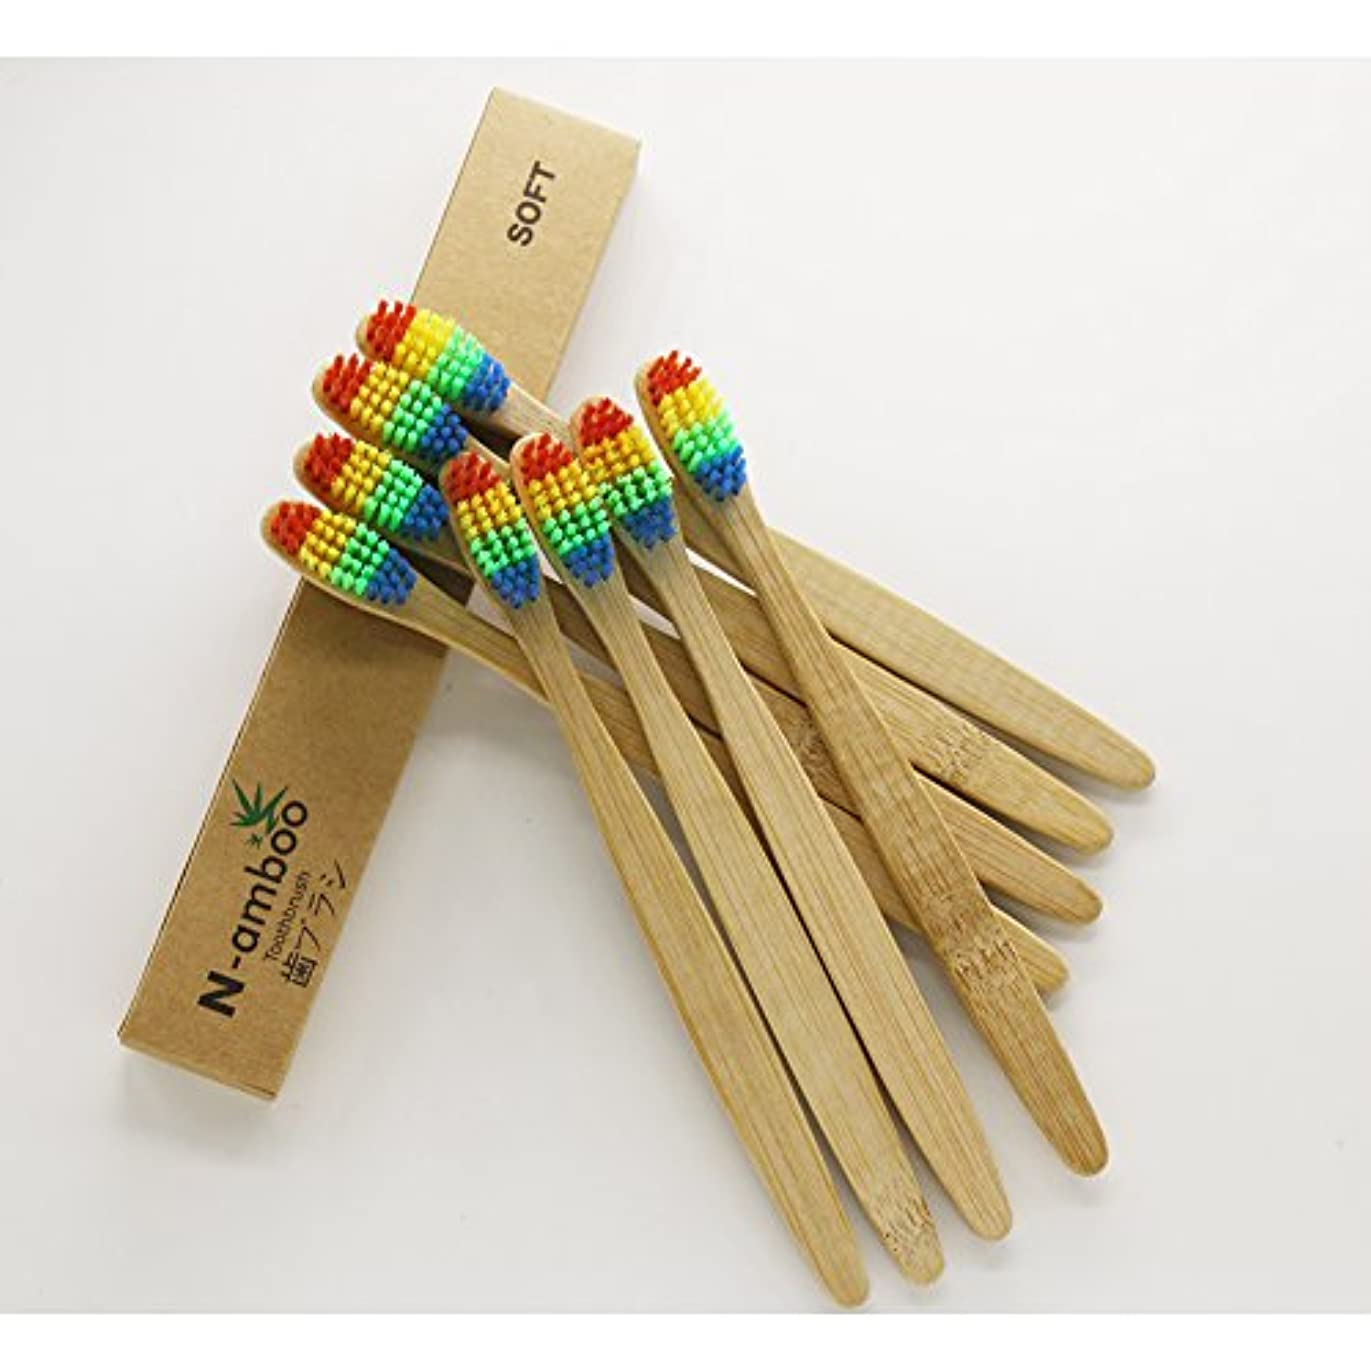 パノラマ国内の最もN-amboo 竹製 耐久度高い 歯ブラシ 四色 虹(にじ) 8本入り ファミリー セット